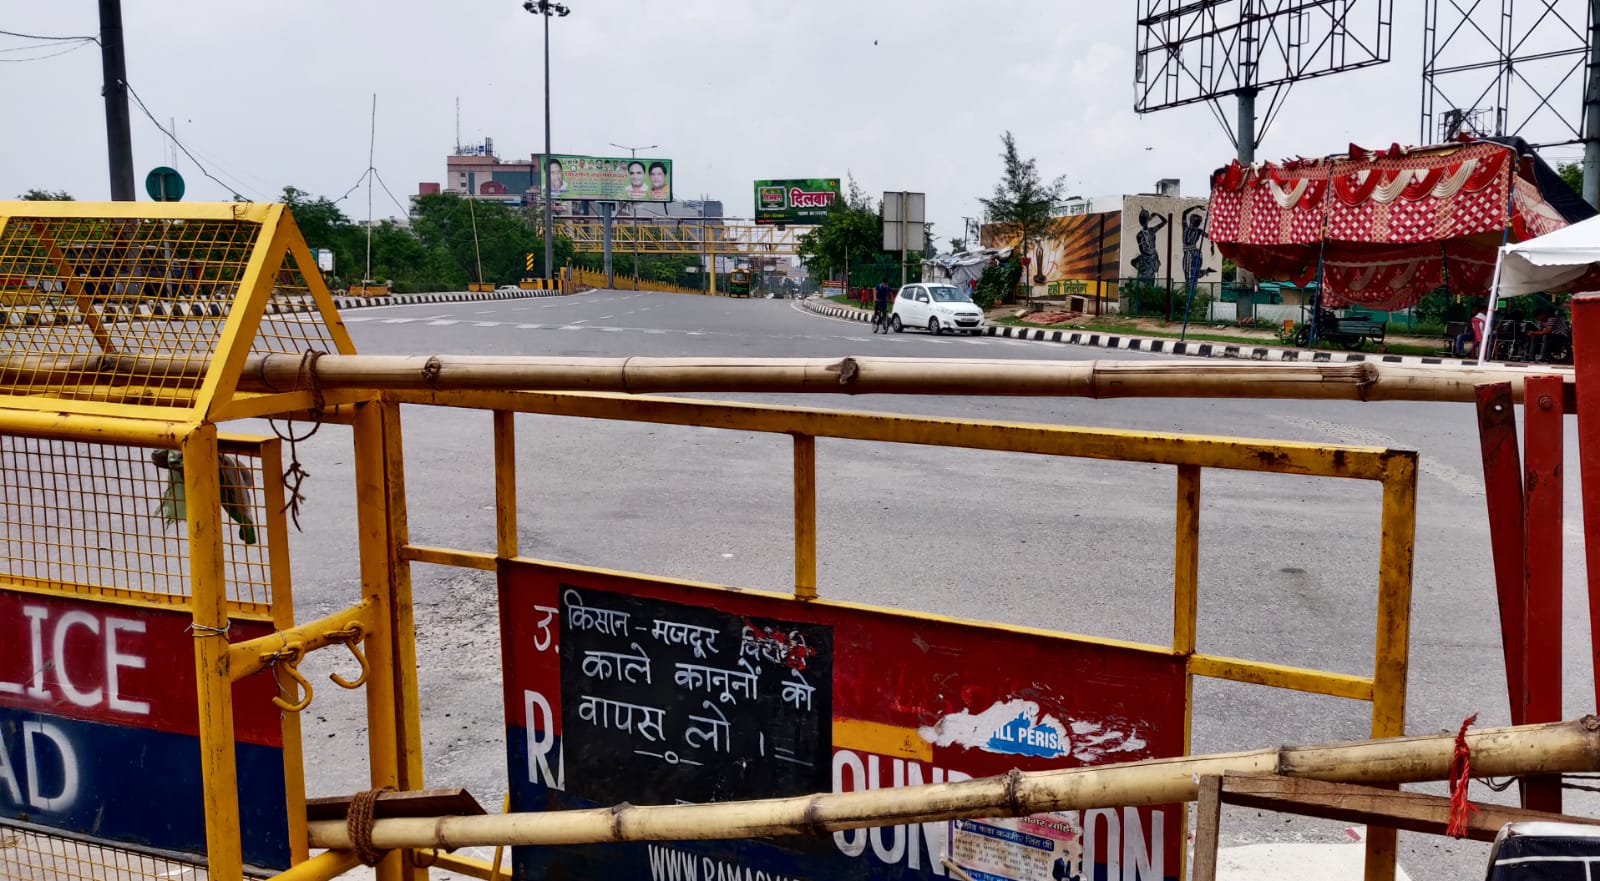 गाजीपुर बॉर्डर की तरफ आने वाले कई रास्ते पहले से बंद चल रहे हैं।